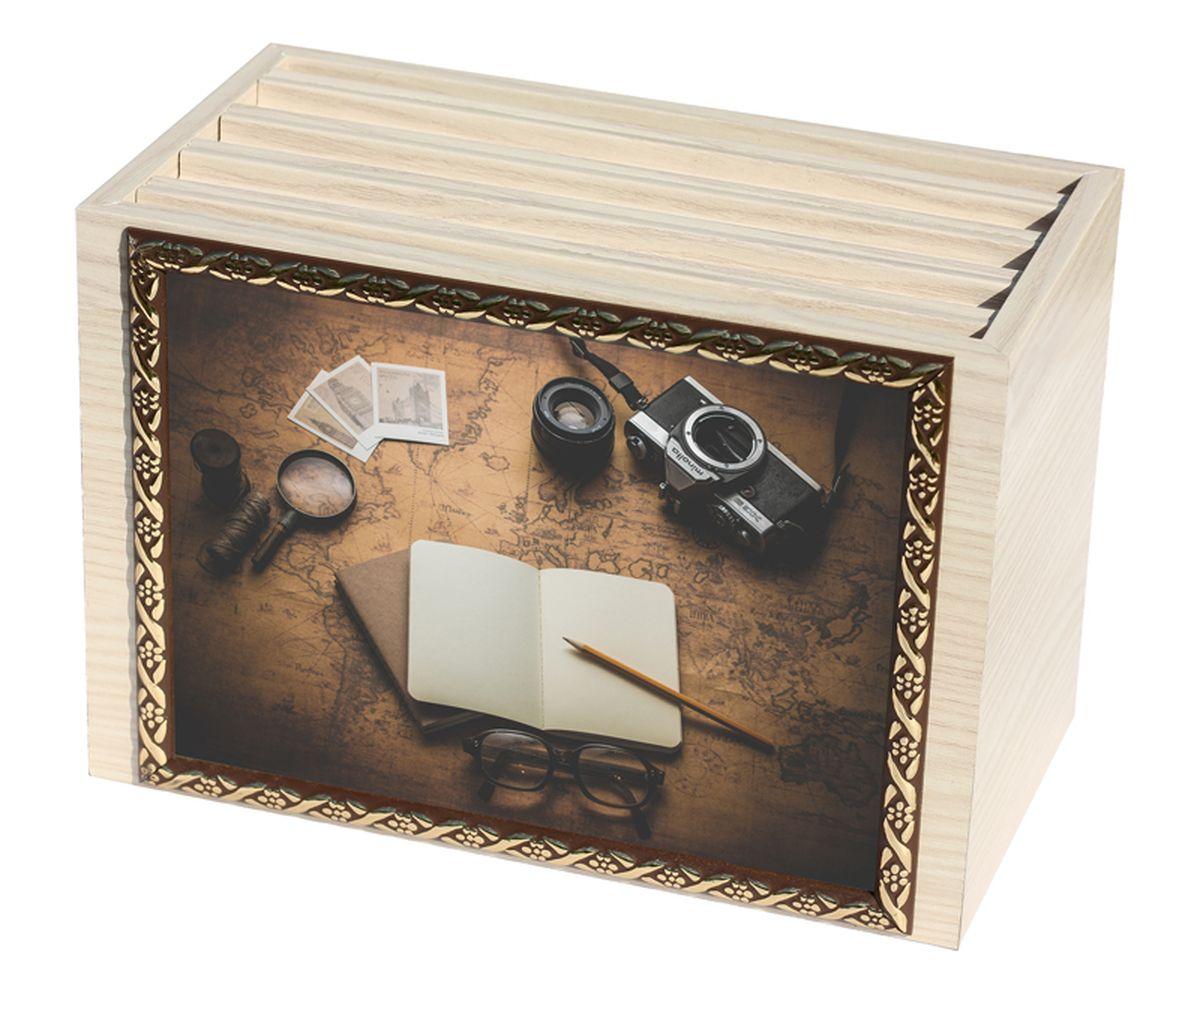 Фотобокс Milarte, 96 фотографий, 16 х 9 х 22 см. FBVD-119006311030-660Фотобокс Milarte поможет аккуратно и стильно хранить ваши фотографии. Фотобокс выполнен из МДФ цвета выбеленный дуб. Изображение нанесено с лицевой стороны на корпус и обрамлено пластиковой рамкой с узором. Фотобокс содержит 4 вынимающиеся вкладки с ПВХ-карманами для фото, по 24 штуки каждая. Стильный и красивый фотобокс не только отлично дополнит интерьер, но и станет чудесным подарком к любому случаю, который обязательно порадует получателя. Размер изображения: 16 х 11 см.